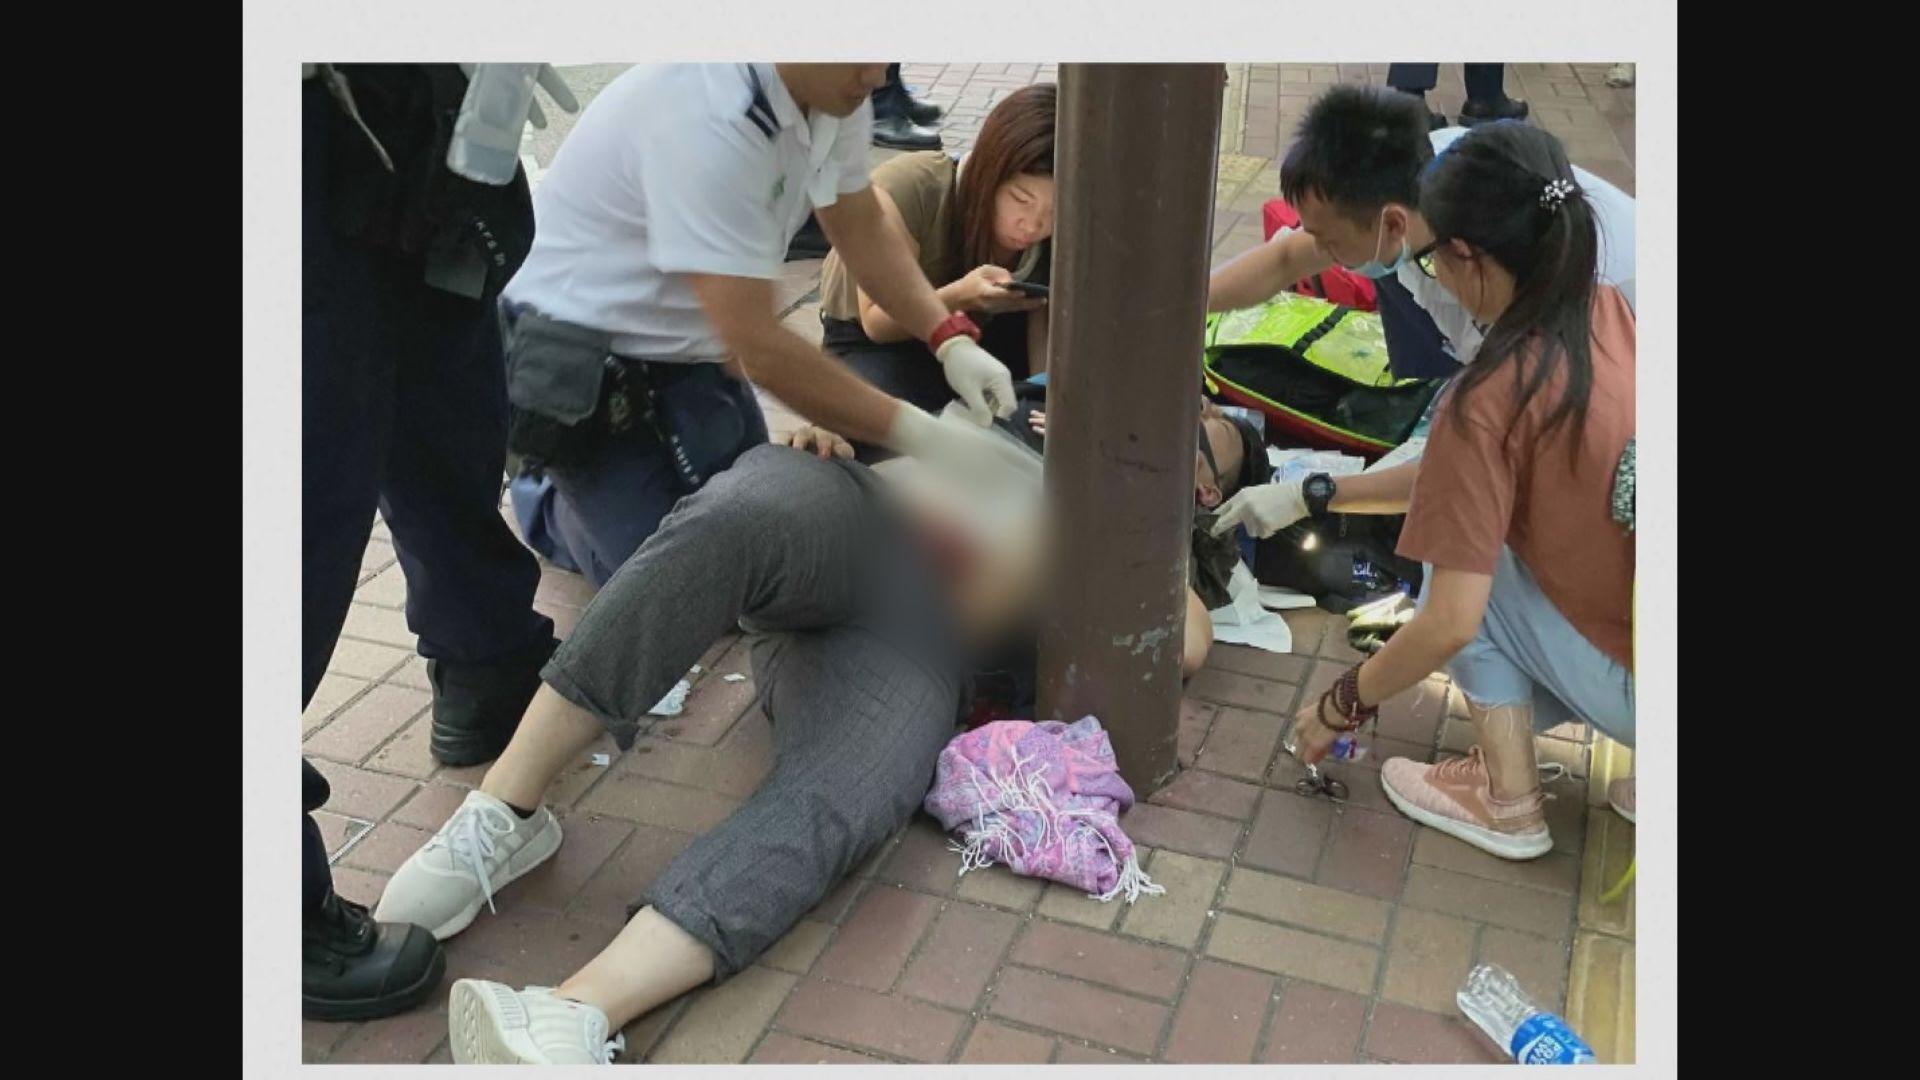 19歲男子被政見不同人士用刀襲擊傷腹部